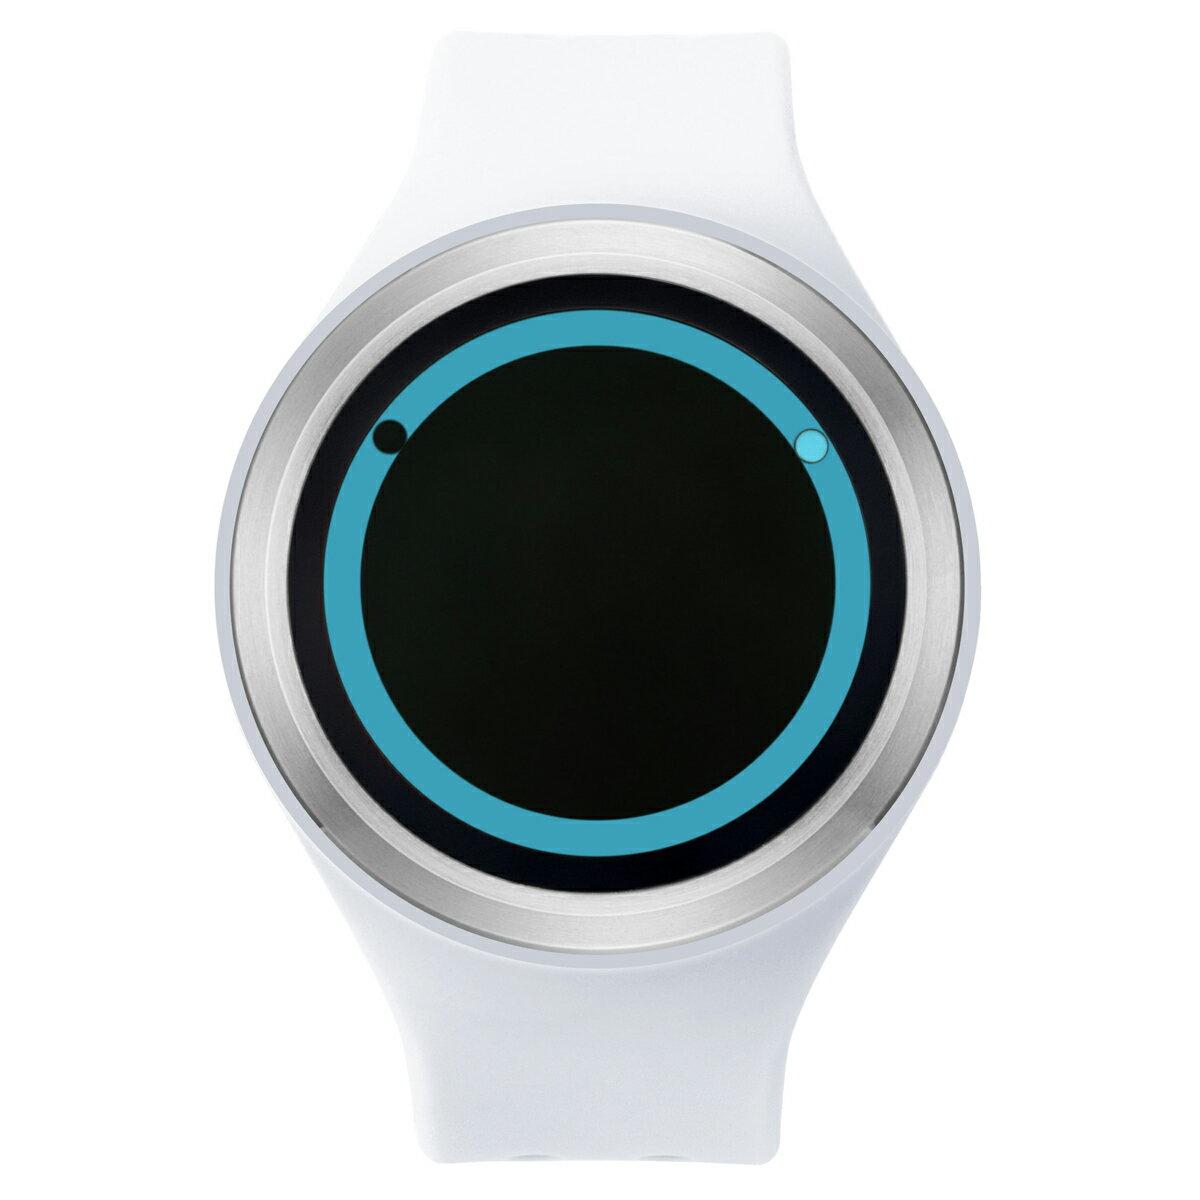 ZEROO PLANET ECLIPSE ゼロ 電池式クォーツ 腕時計 [W00901B01SR01] ホワイト デザインウォッチ ペア用 メンズ レディース ユニセックス おしゃれ時計 デザイナーズ